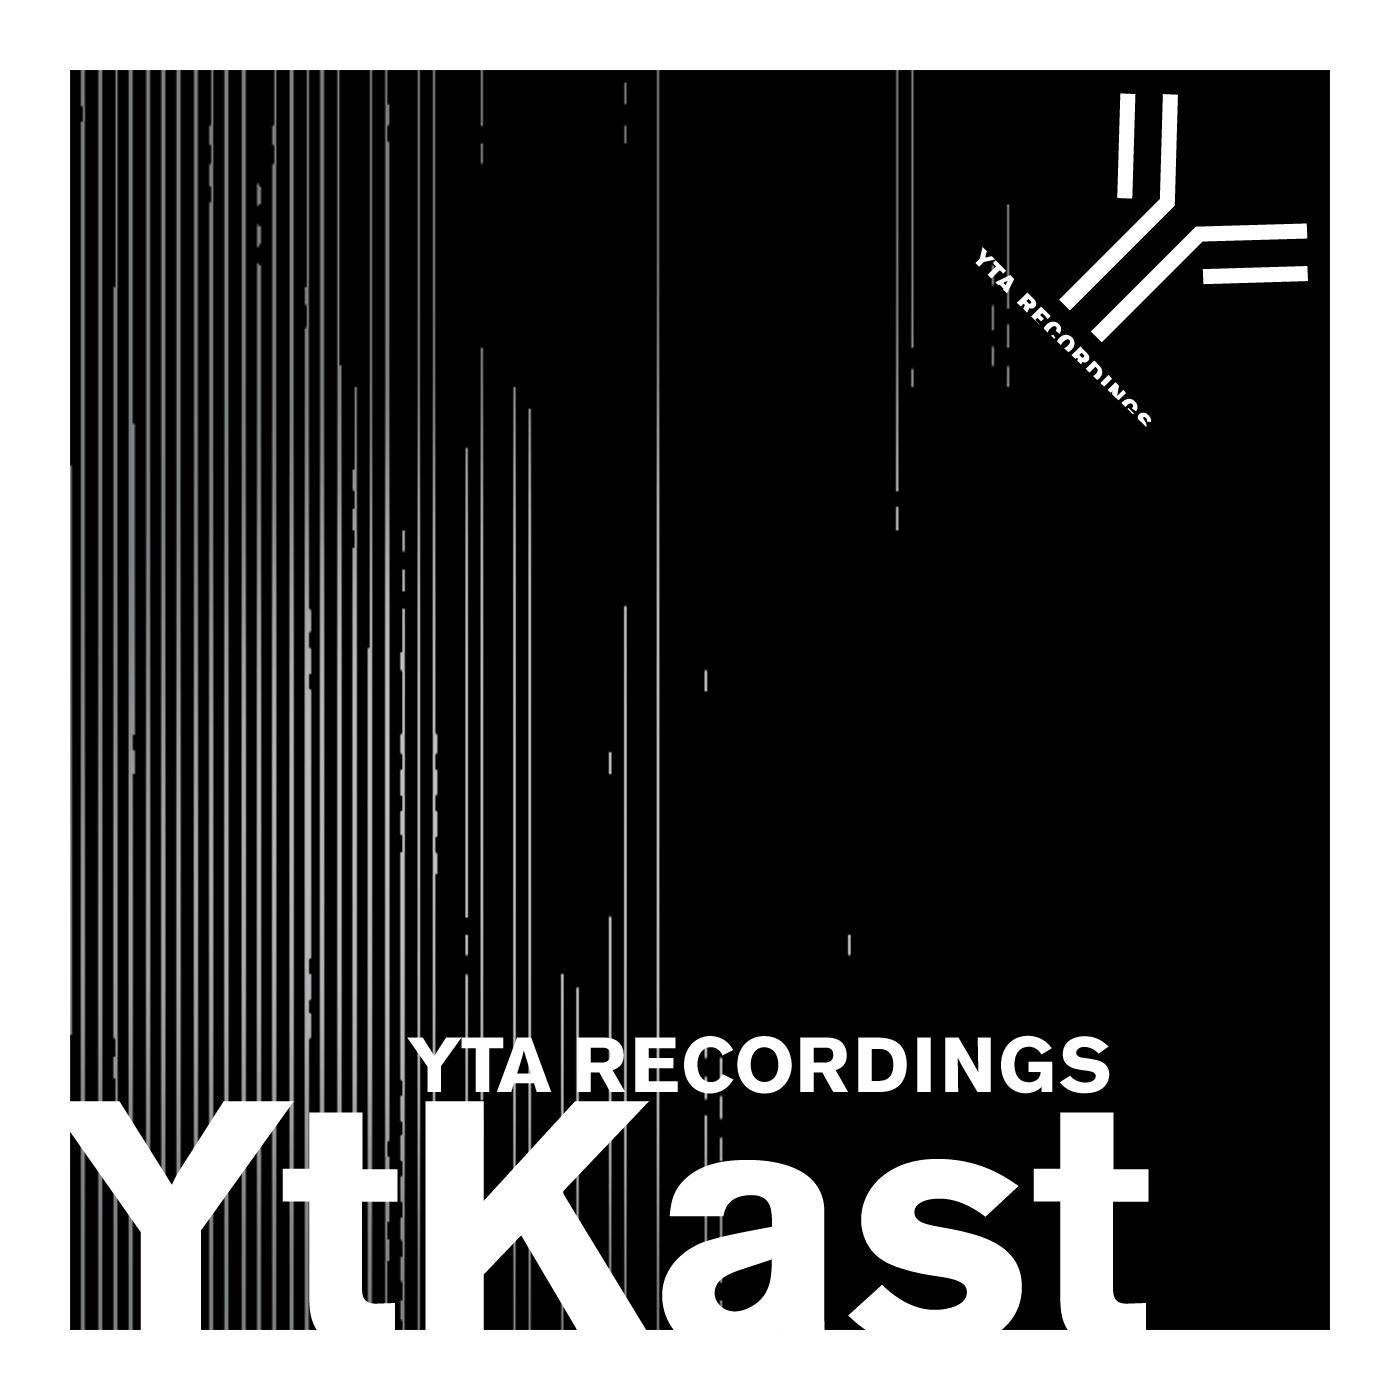 YtKast - YTA Recordings Podcast